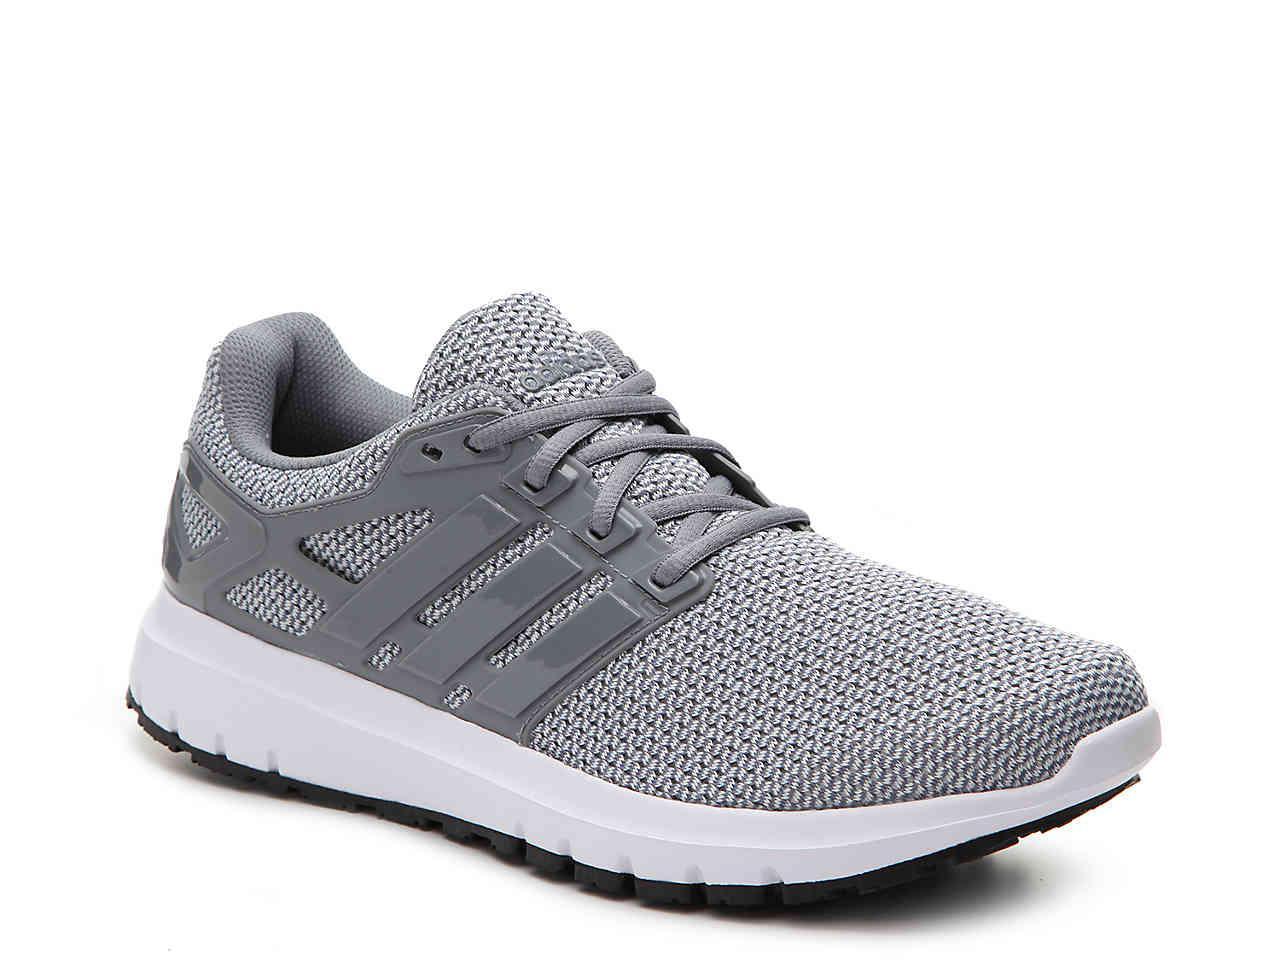 lyst adidas nuvola di energia scarpa da corsa in grigio per gli uomini.